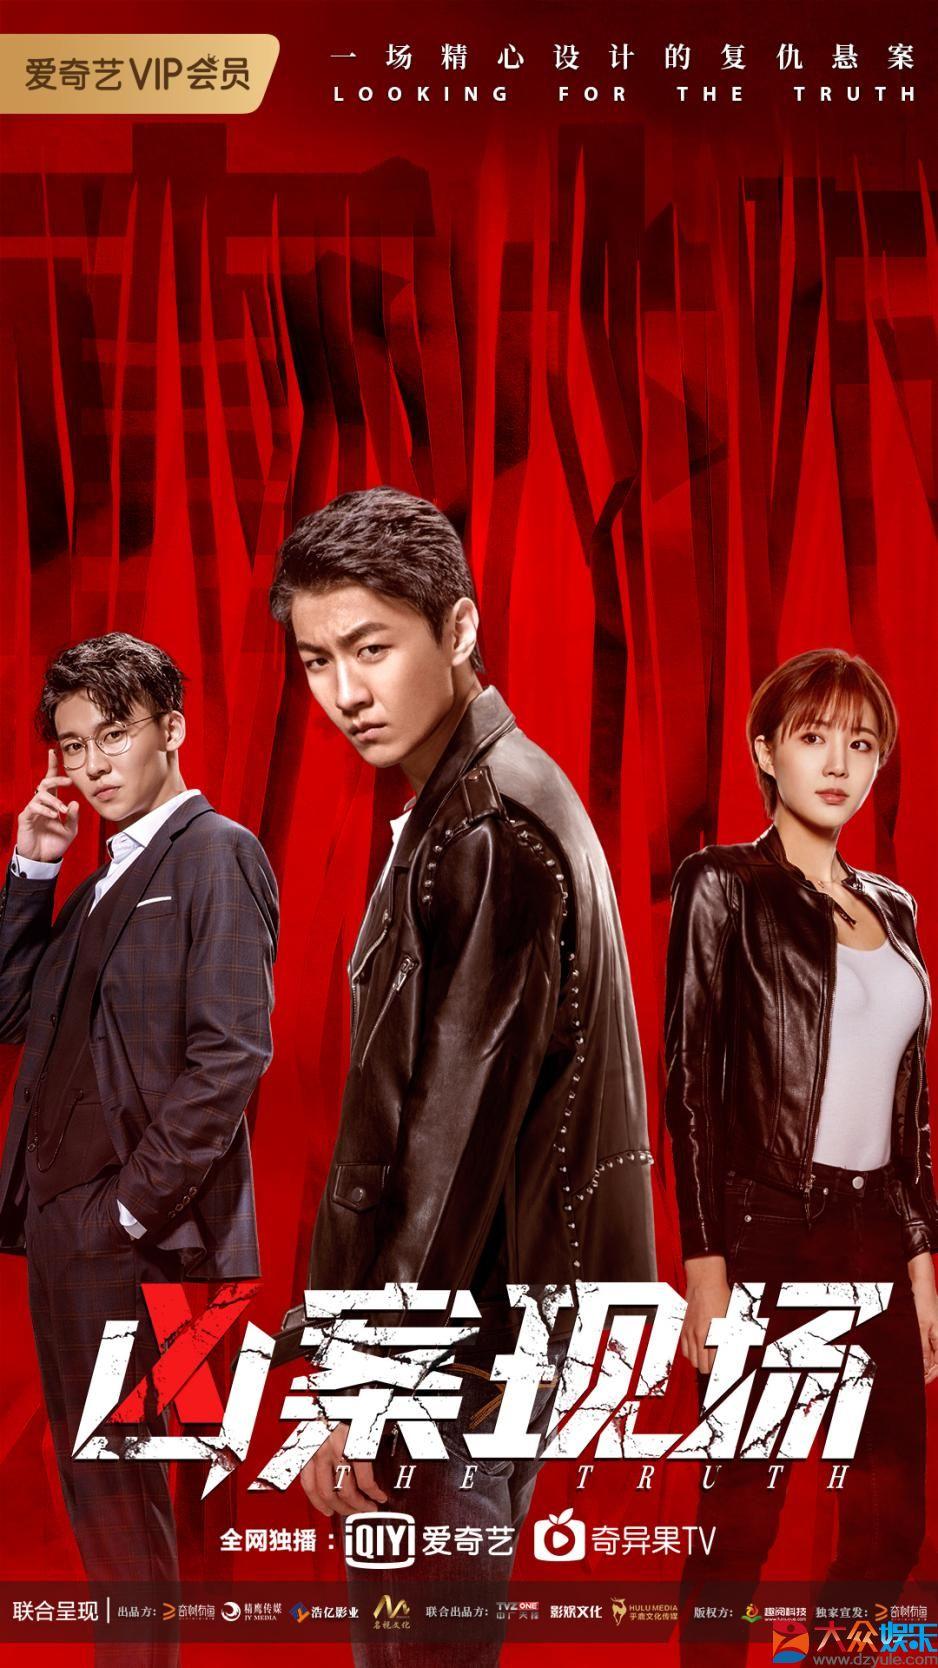 刑侦网剧《凶案现场》定档4月10日 反转悬疑正邪较量即将上演